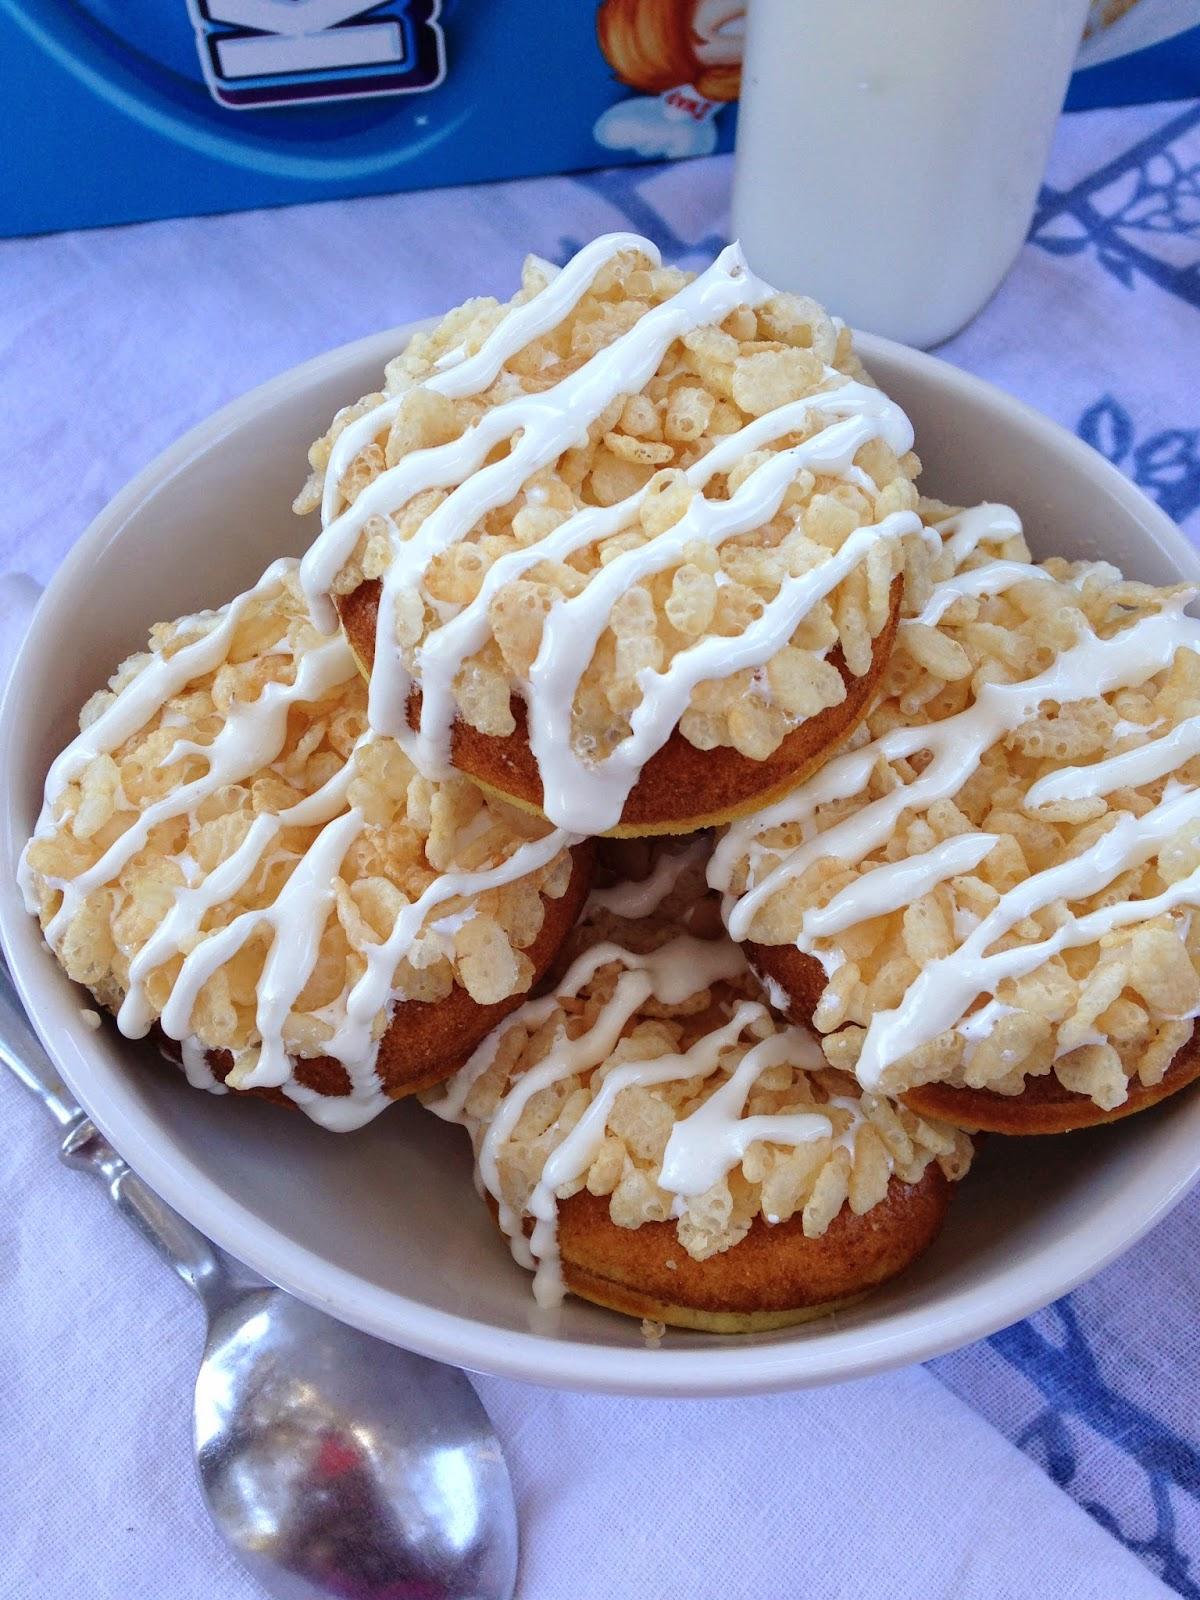 Cake Donut Leftover Recipes